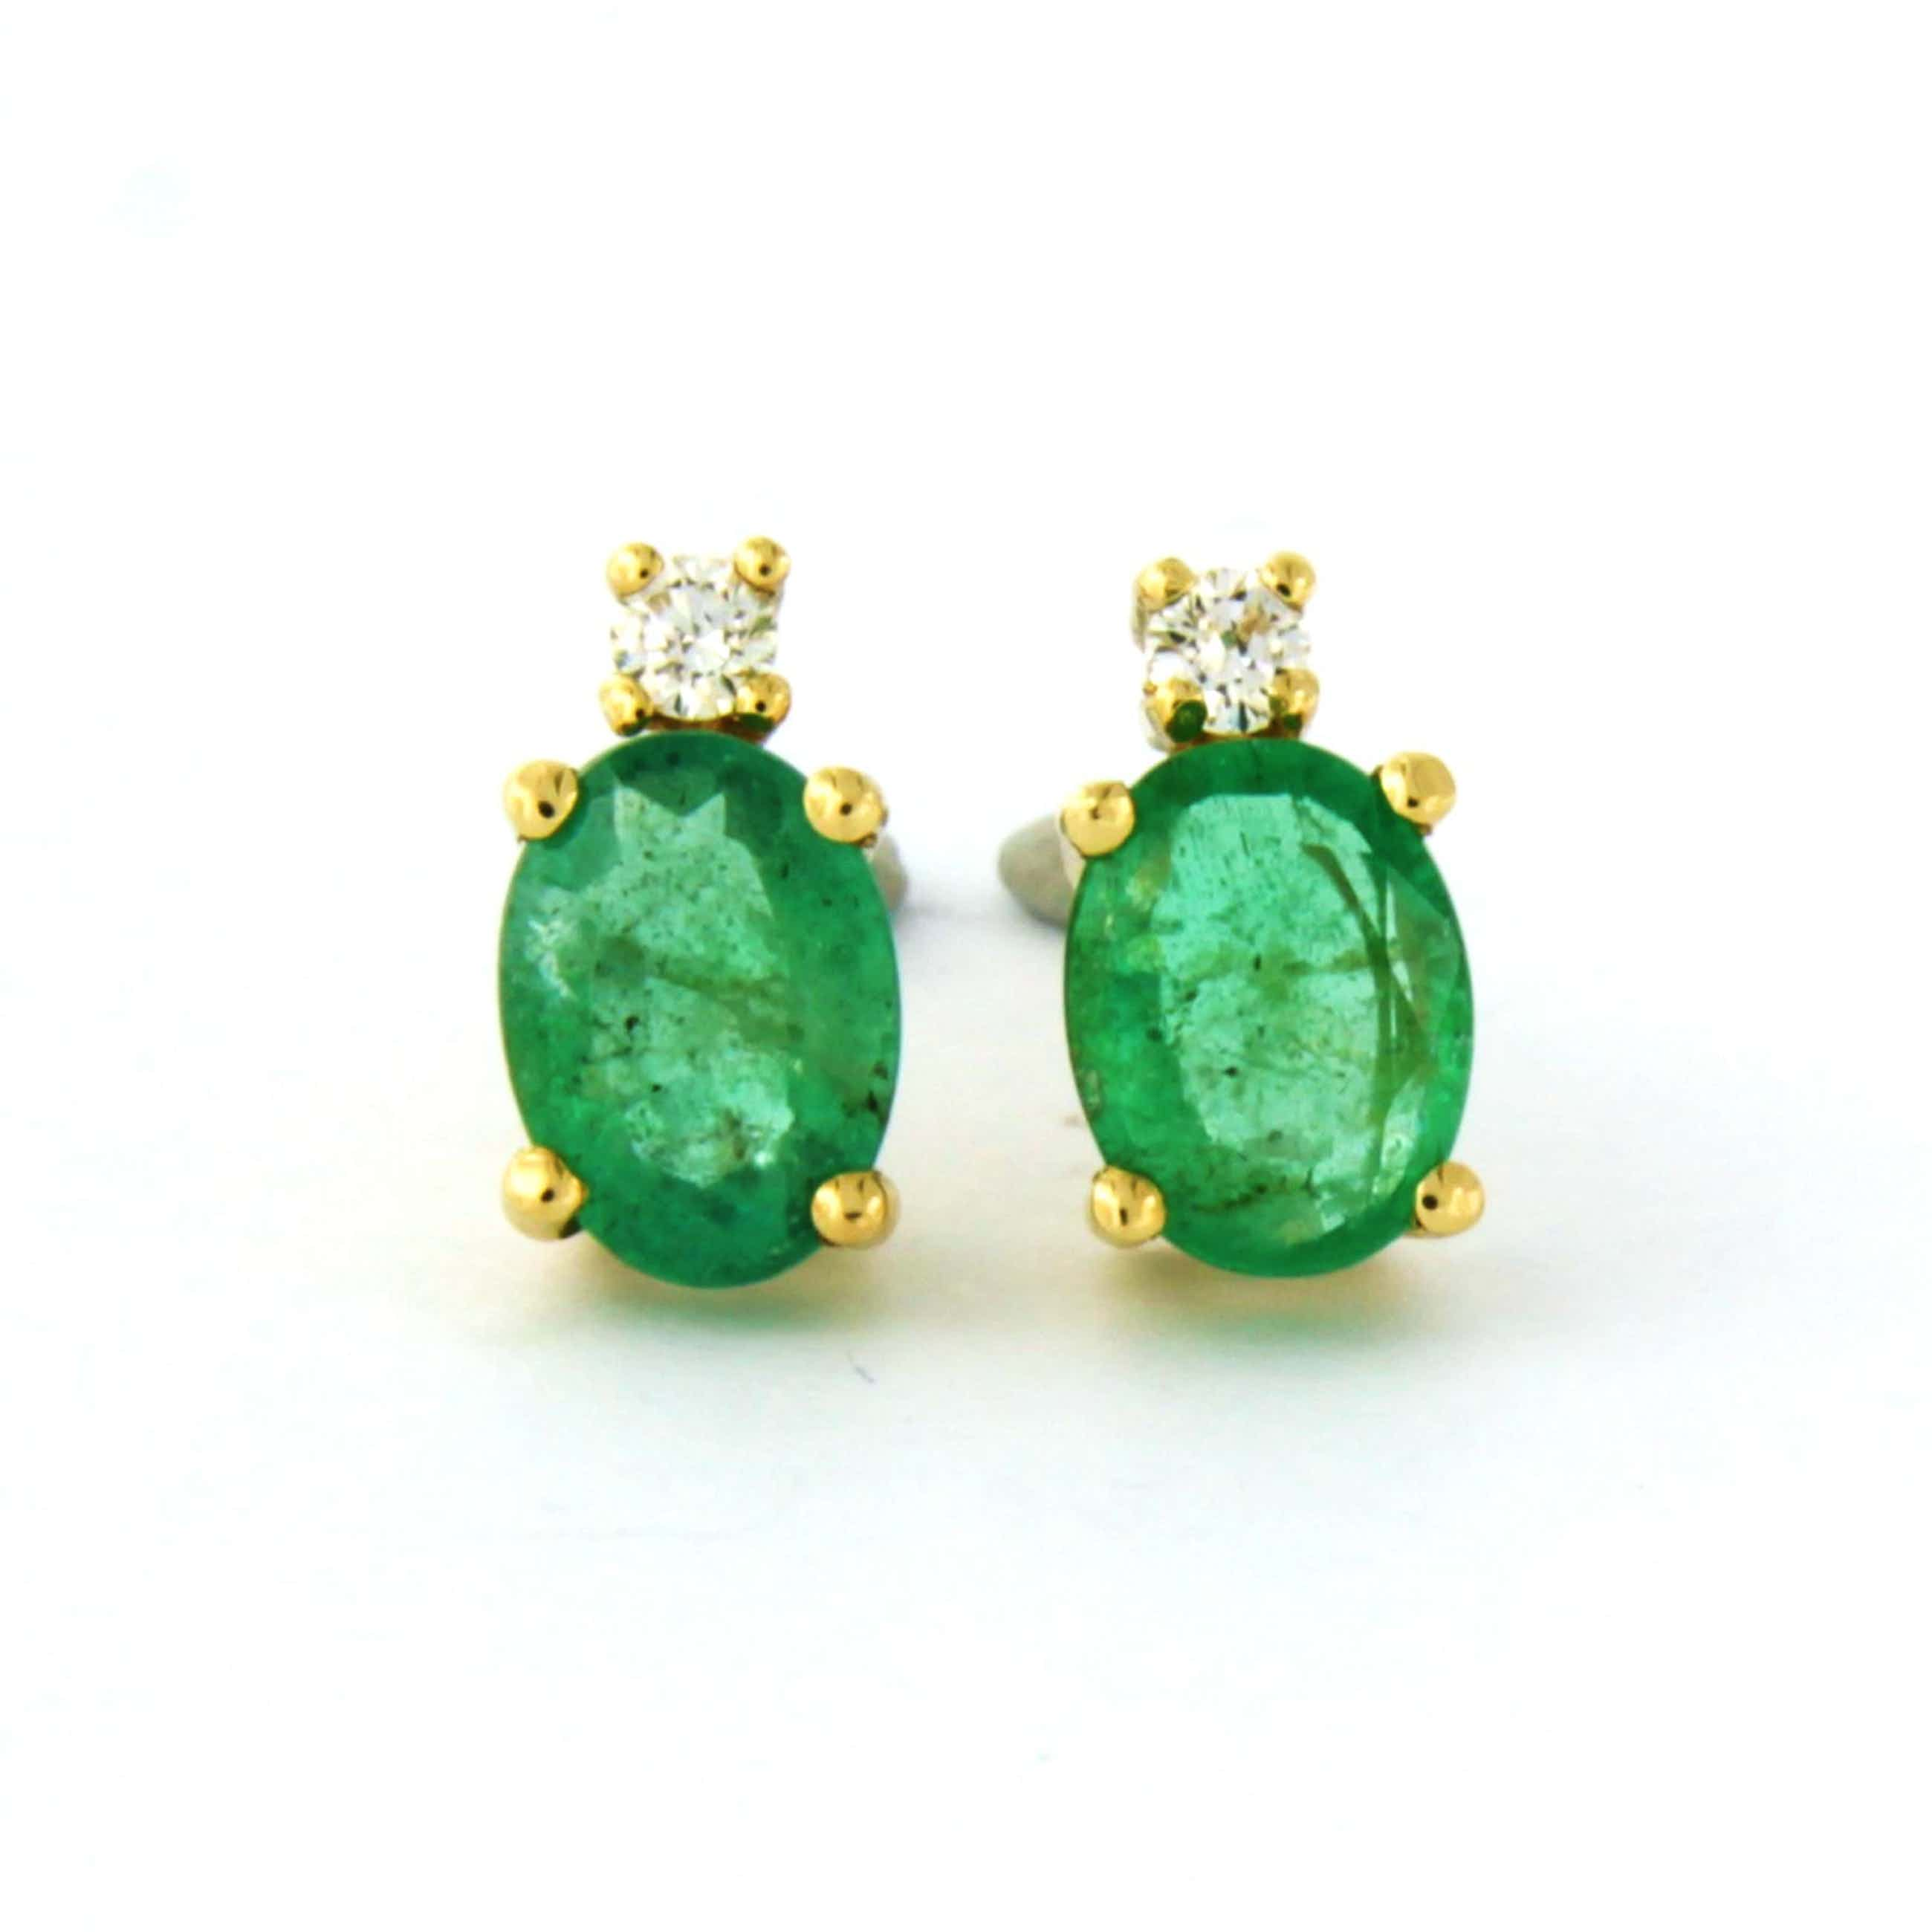 18k geel gouden oorknoppen met smaragd tot. 1,46ct en briljant geslepen diamant kopen? Bied vanaf 500!